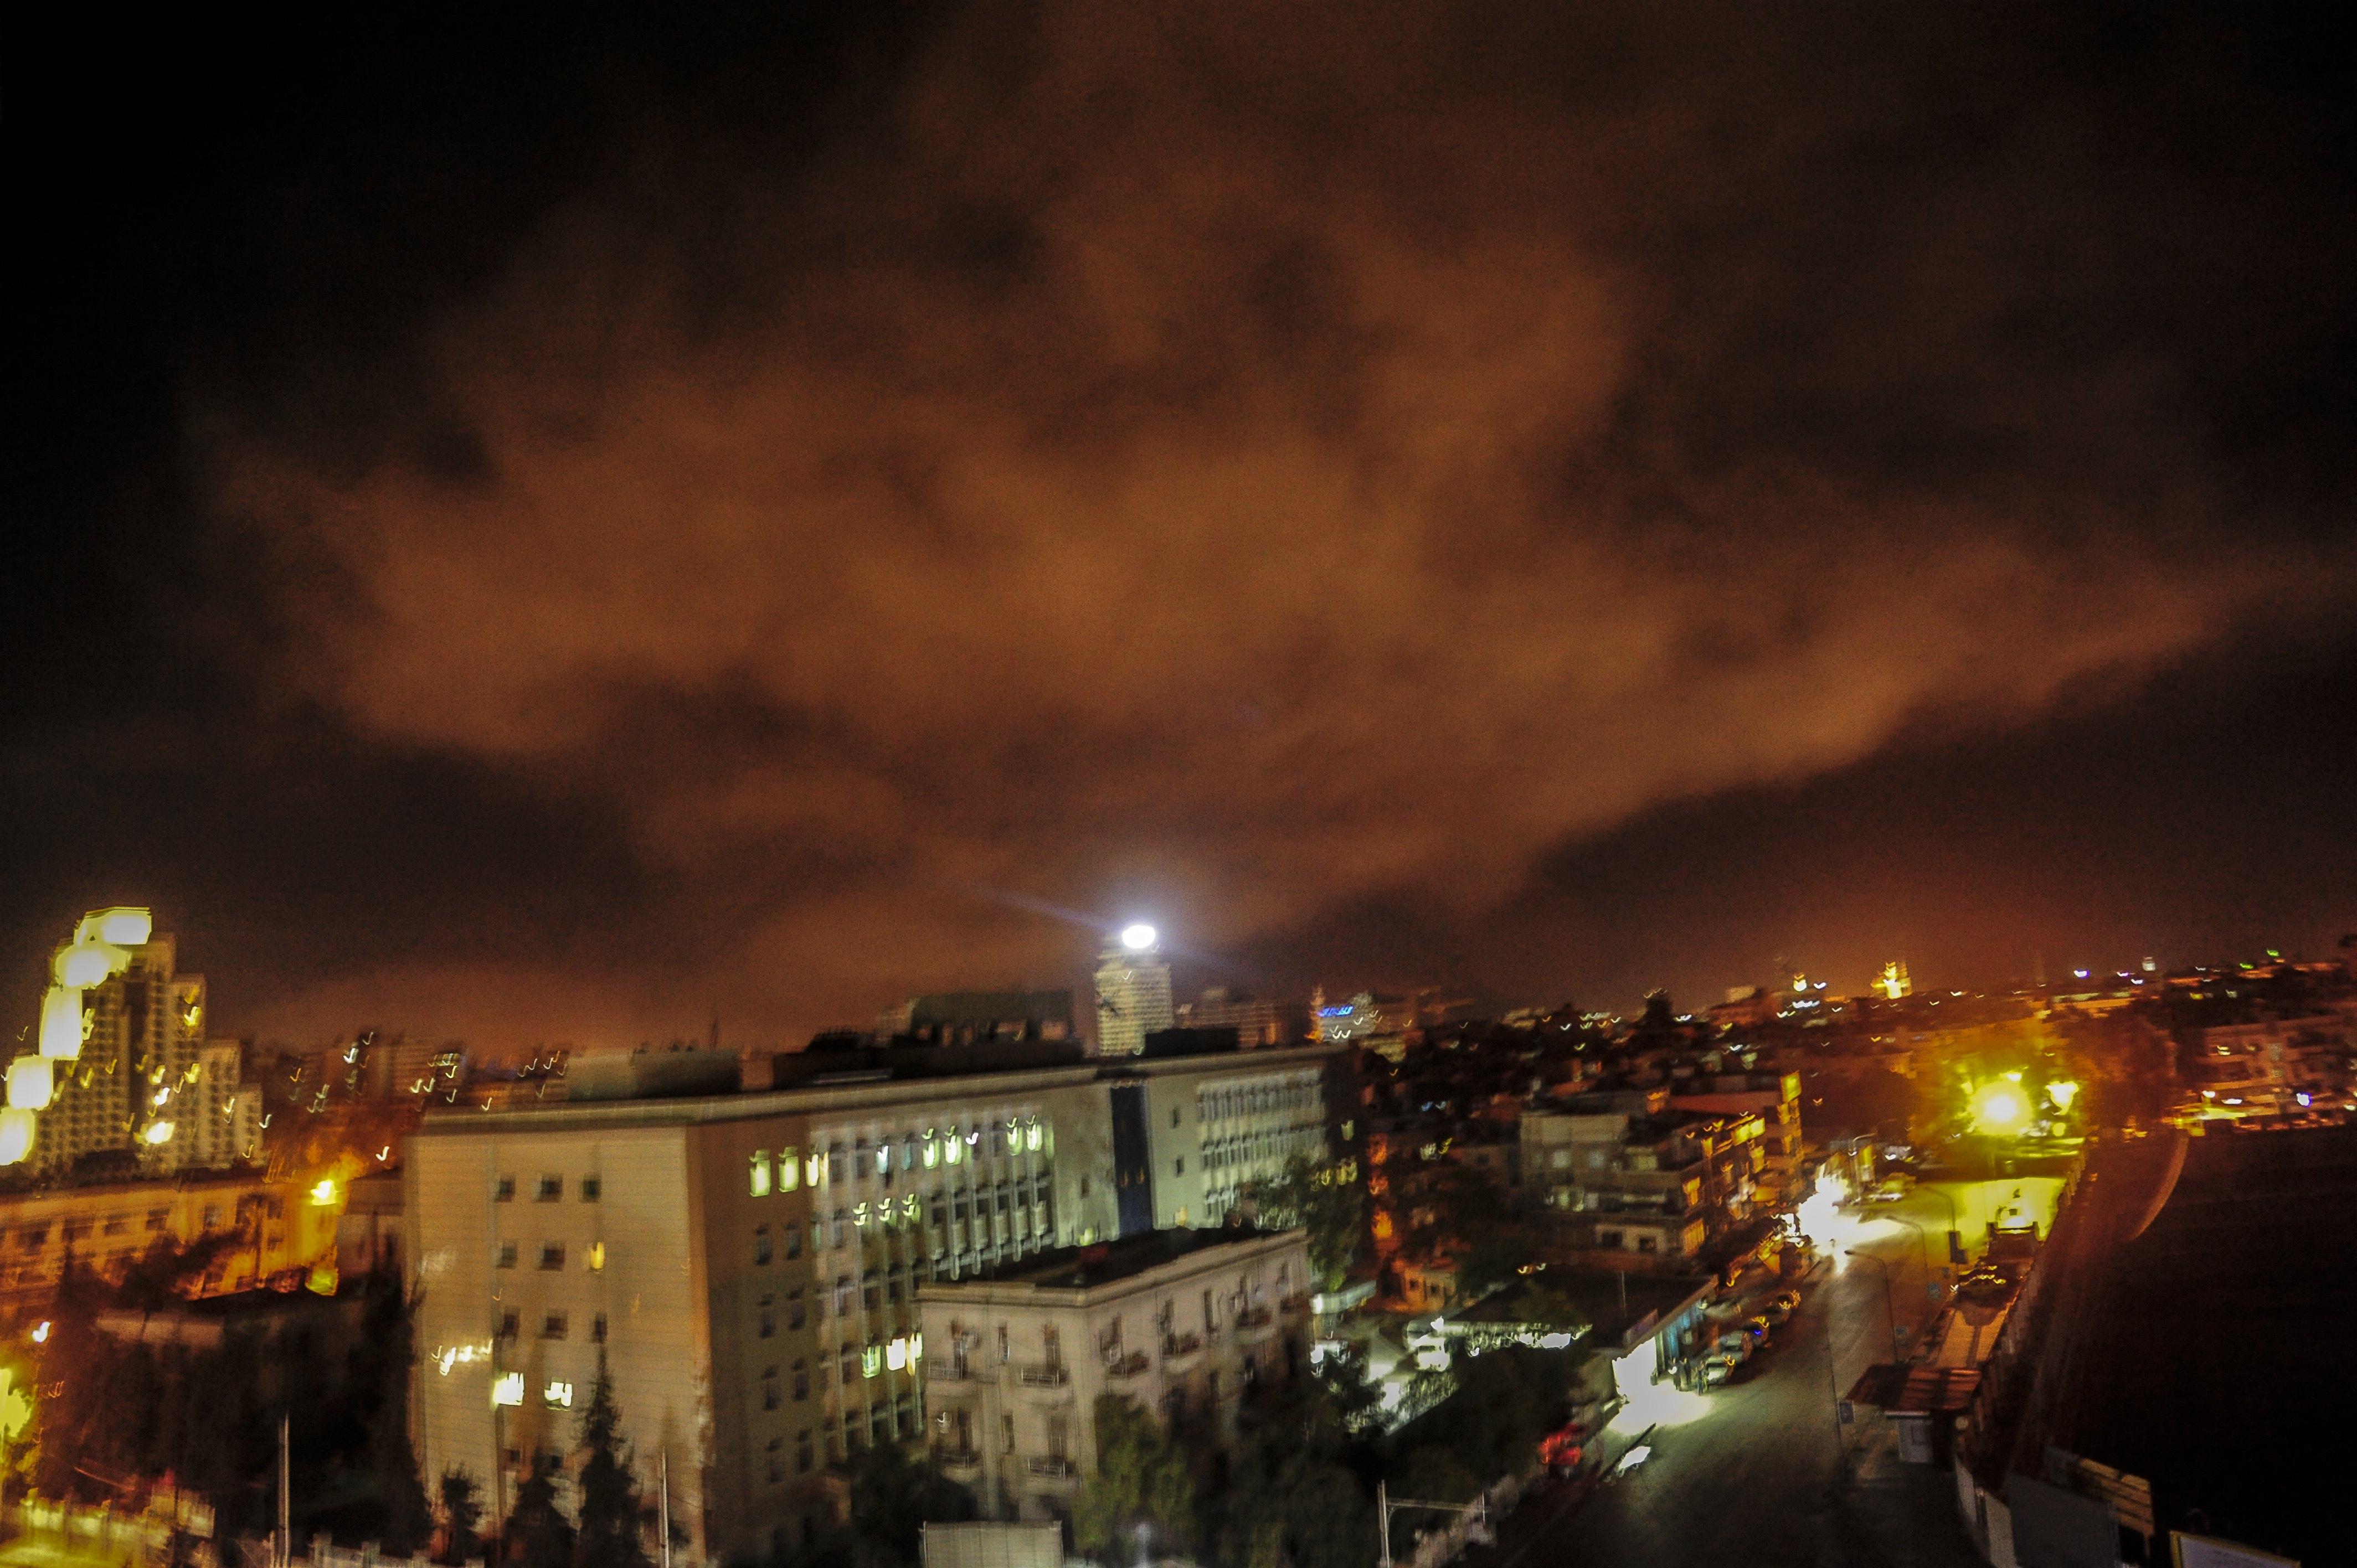 Stručnjaci za kemijsko oružje u subotu će pokušati ući u Doumu